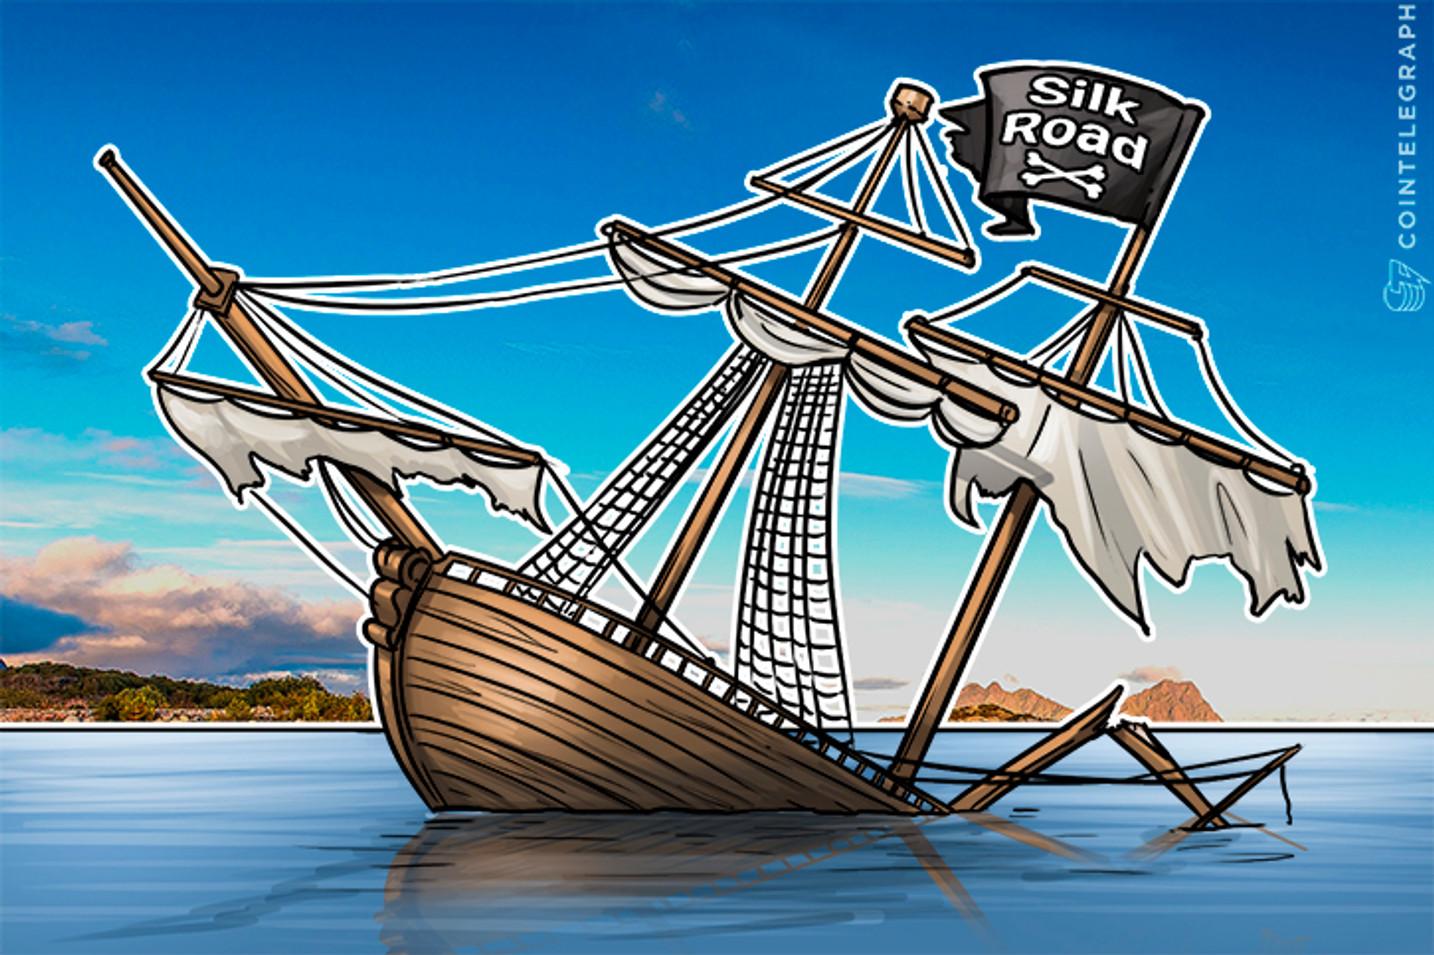 Los Federales recaudan los ingresos de la fortuna aprovechada de la Ruta de la Seda en solamente $ 334 por Bitcoin